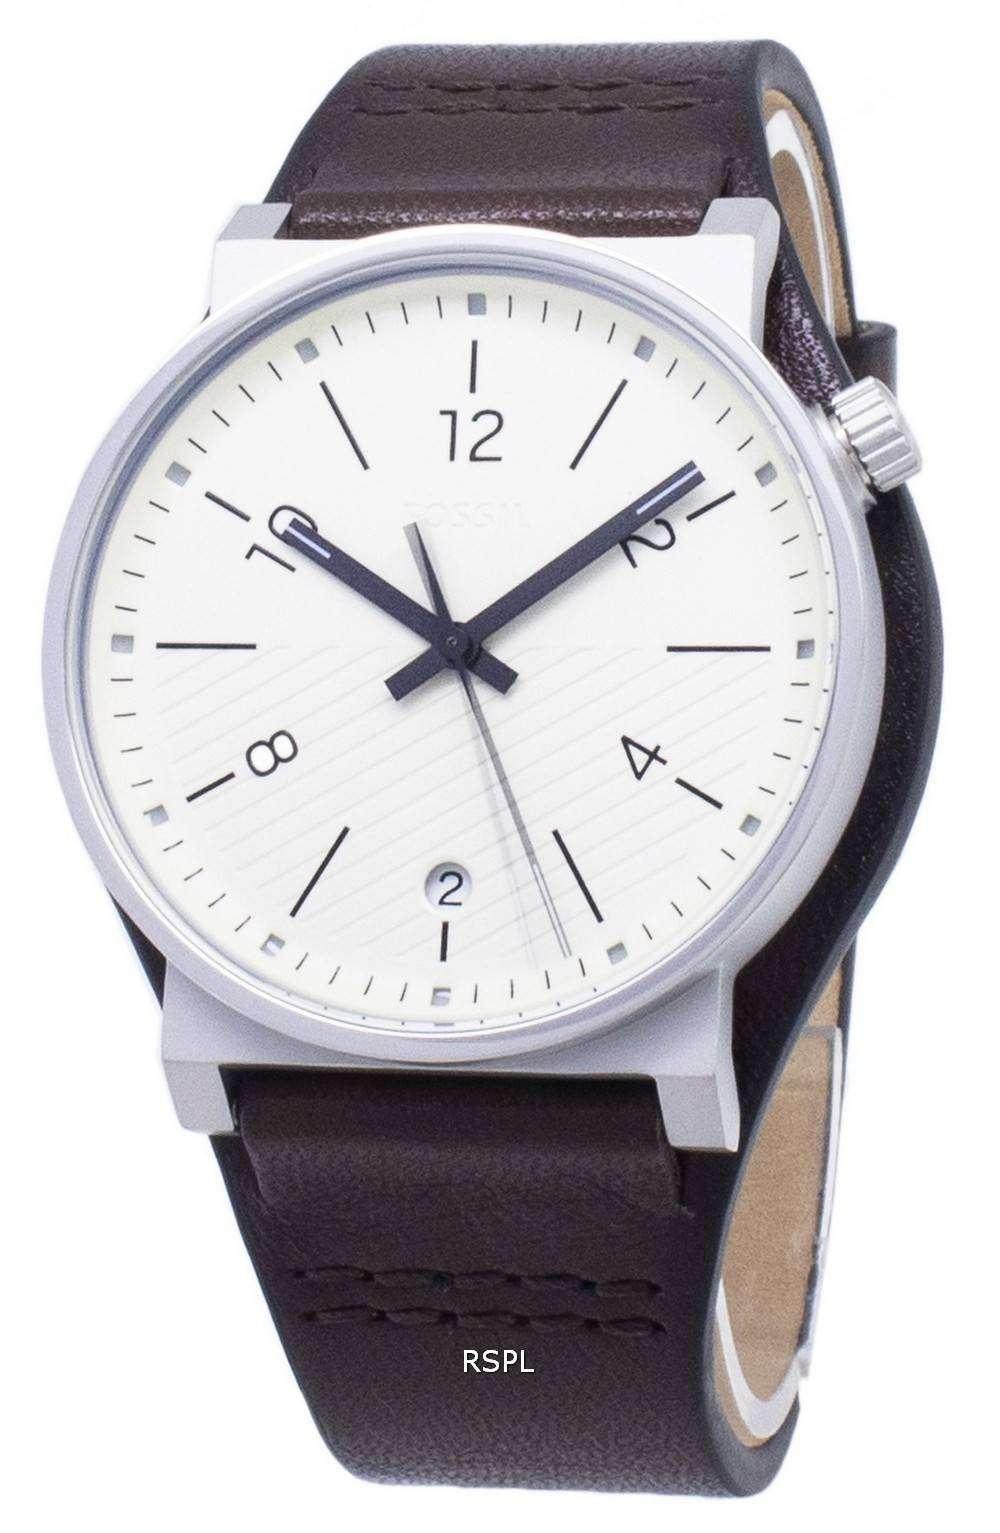 화석 바 스토 FS5510 쿼 츠 아날로그 남성용 손목시계